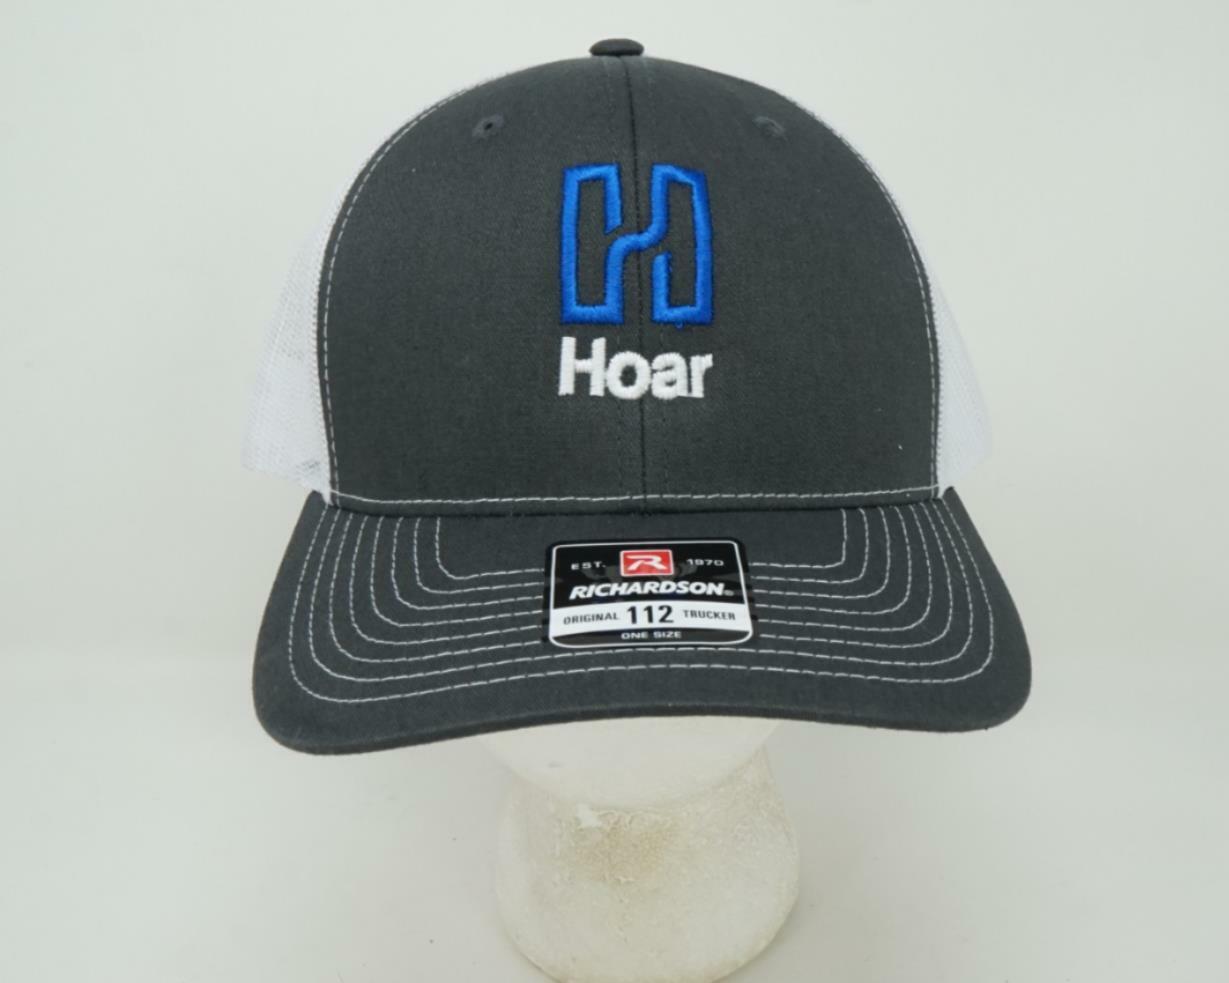 Richardson Stil 112 Hoar Logo Truckerhut Grau/Weiß - Einheitsgröße